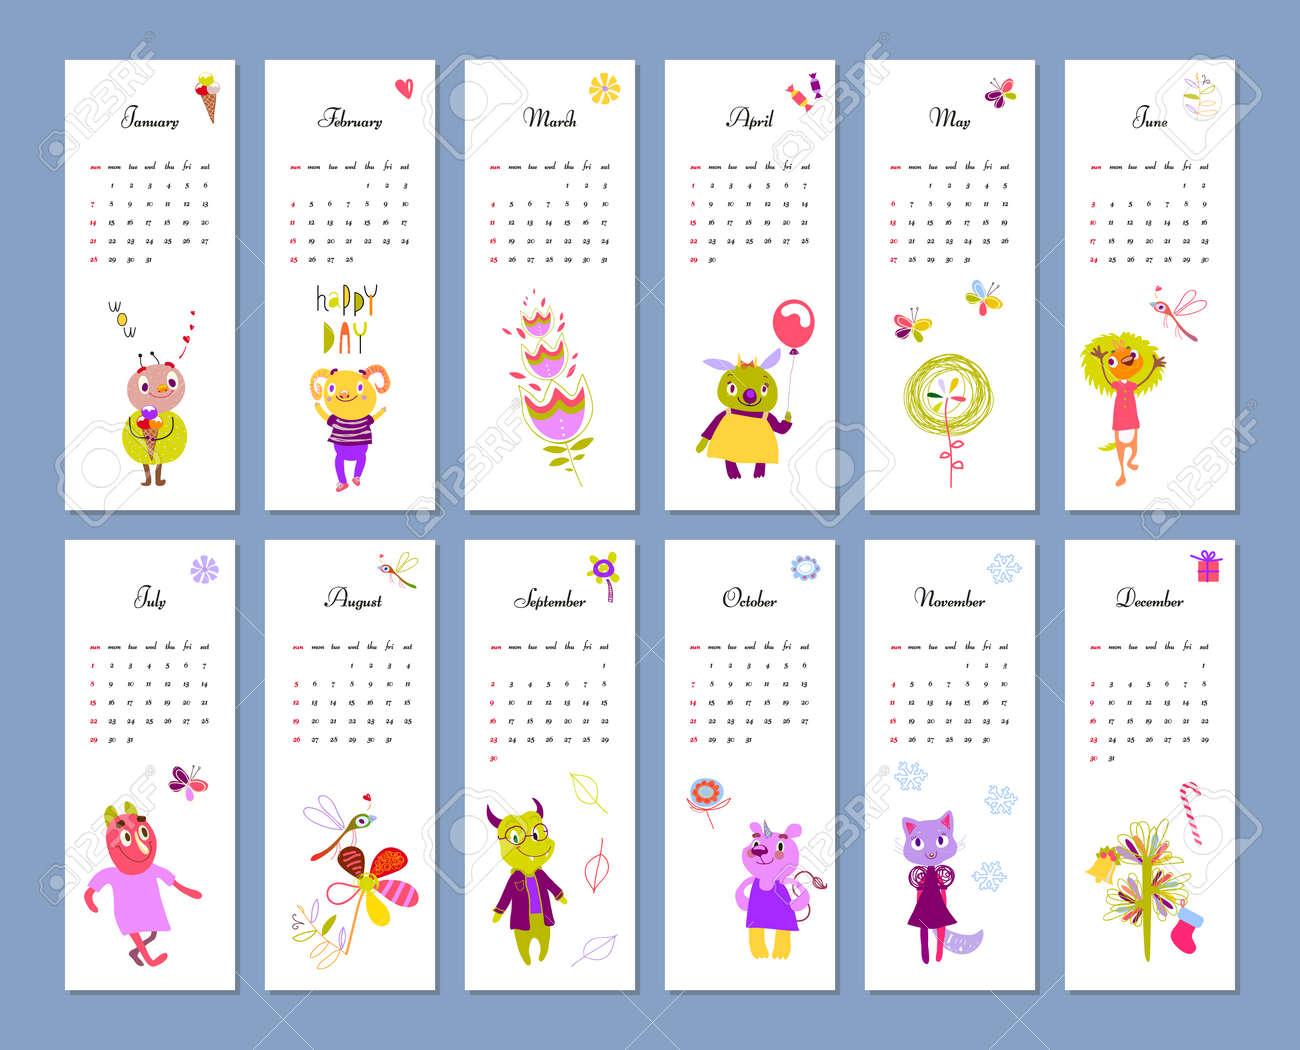 Calendario Mensual Para Niños 2018 Con Monstruos Divertidos ...